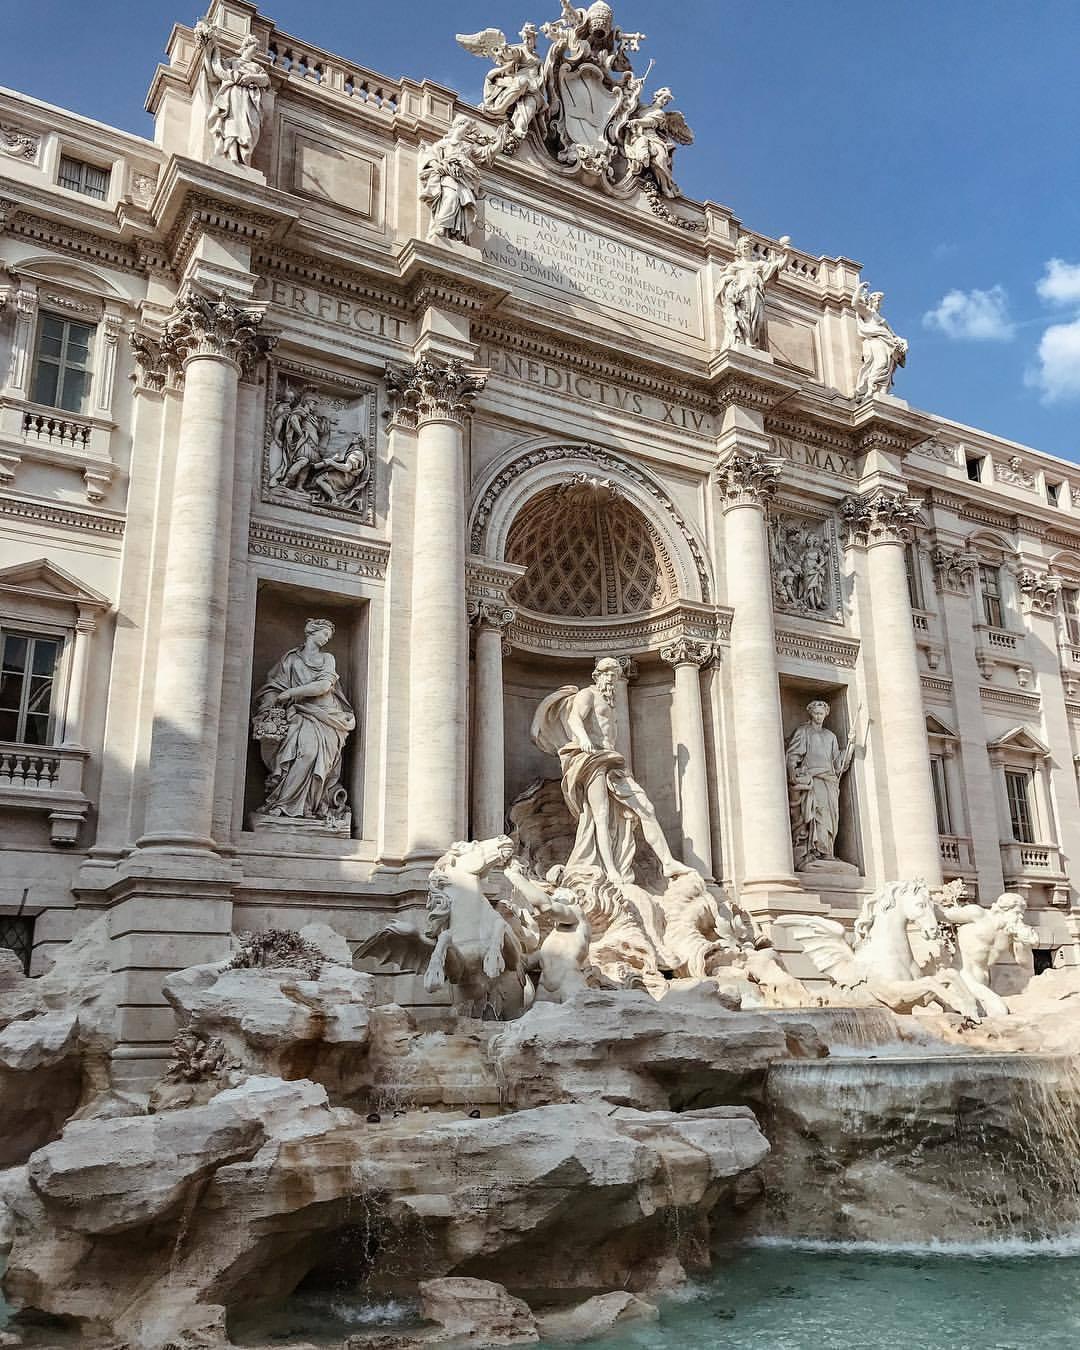 cose da non perdere a Roma e dove alloggiare nella capitale, cosa fare a Roma, cosa vedere a Roma, travel blog italia, fashion blog italia, best western Roma, valentina rago, fashion need